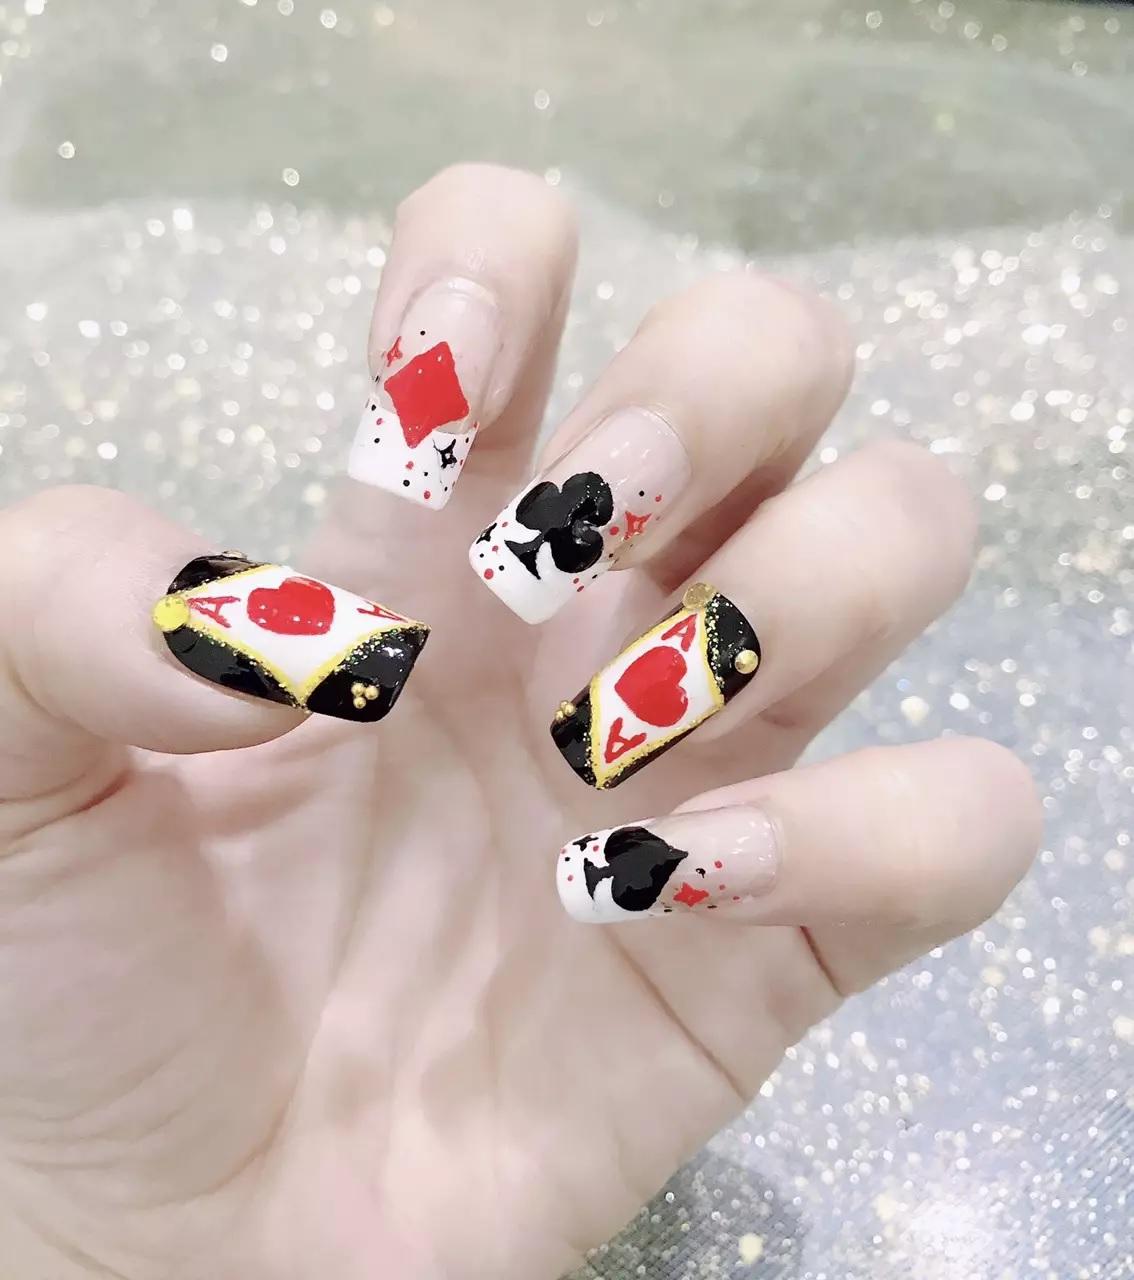 5 mẫu nail dán dành cho người chơi hệ Tết, giá siêu rẻ chỉ từ 8k - Ảnh 4.